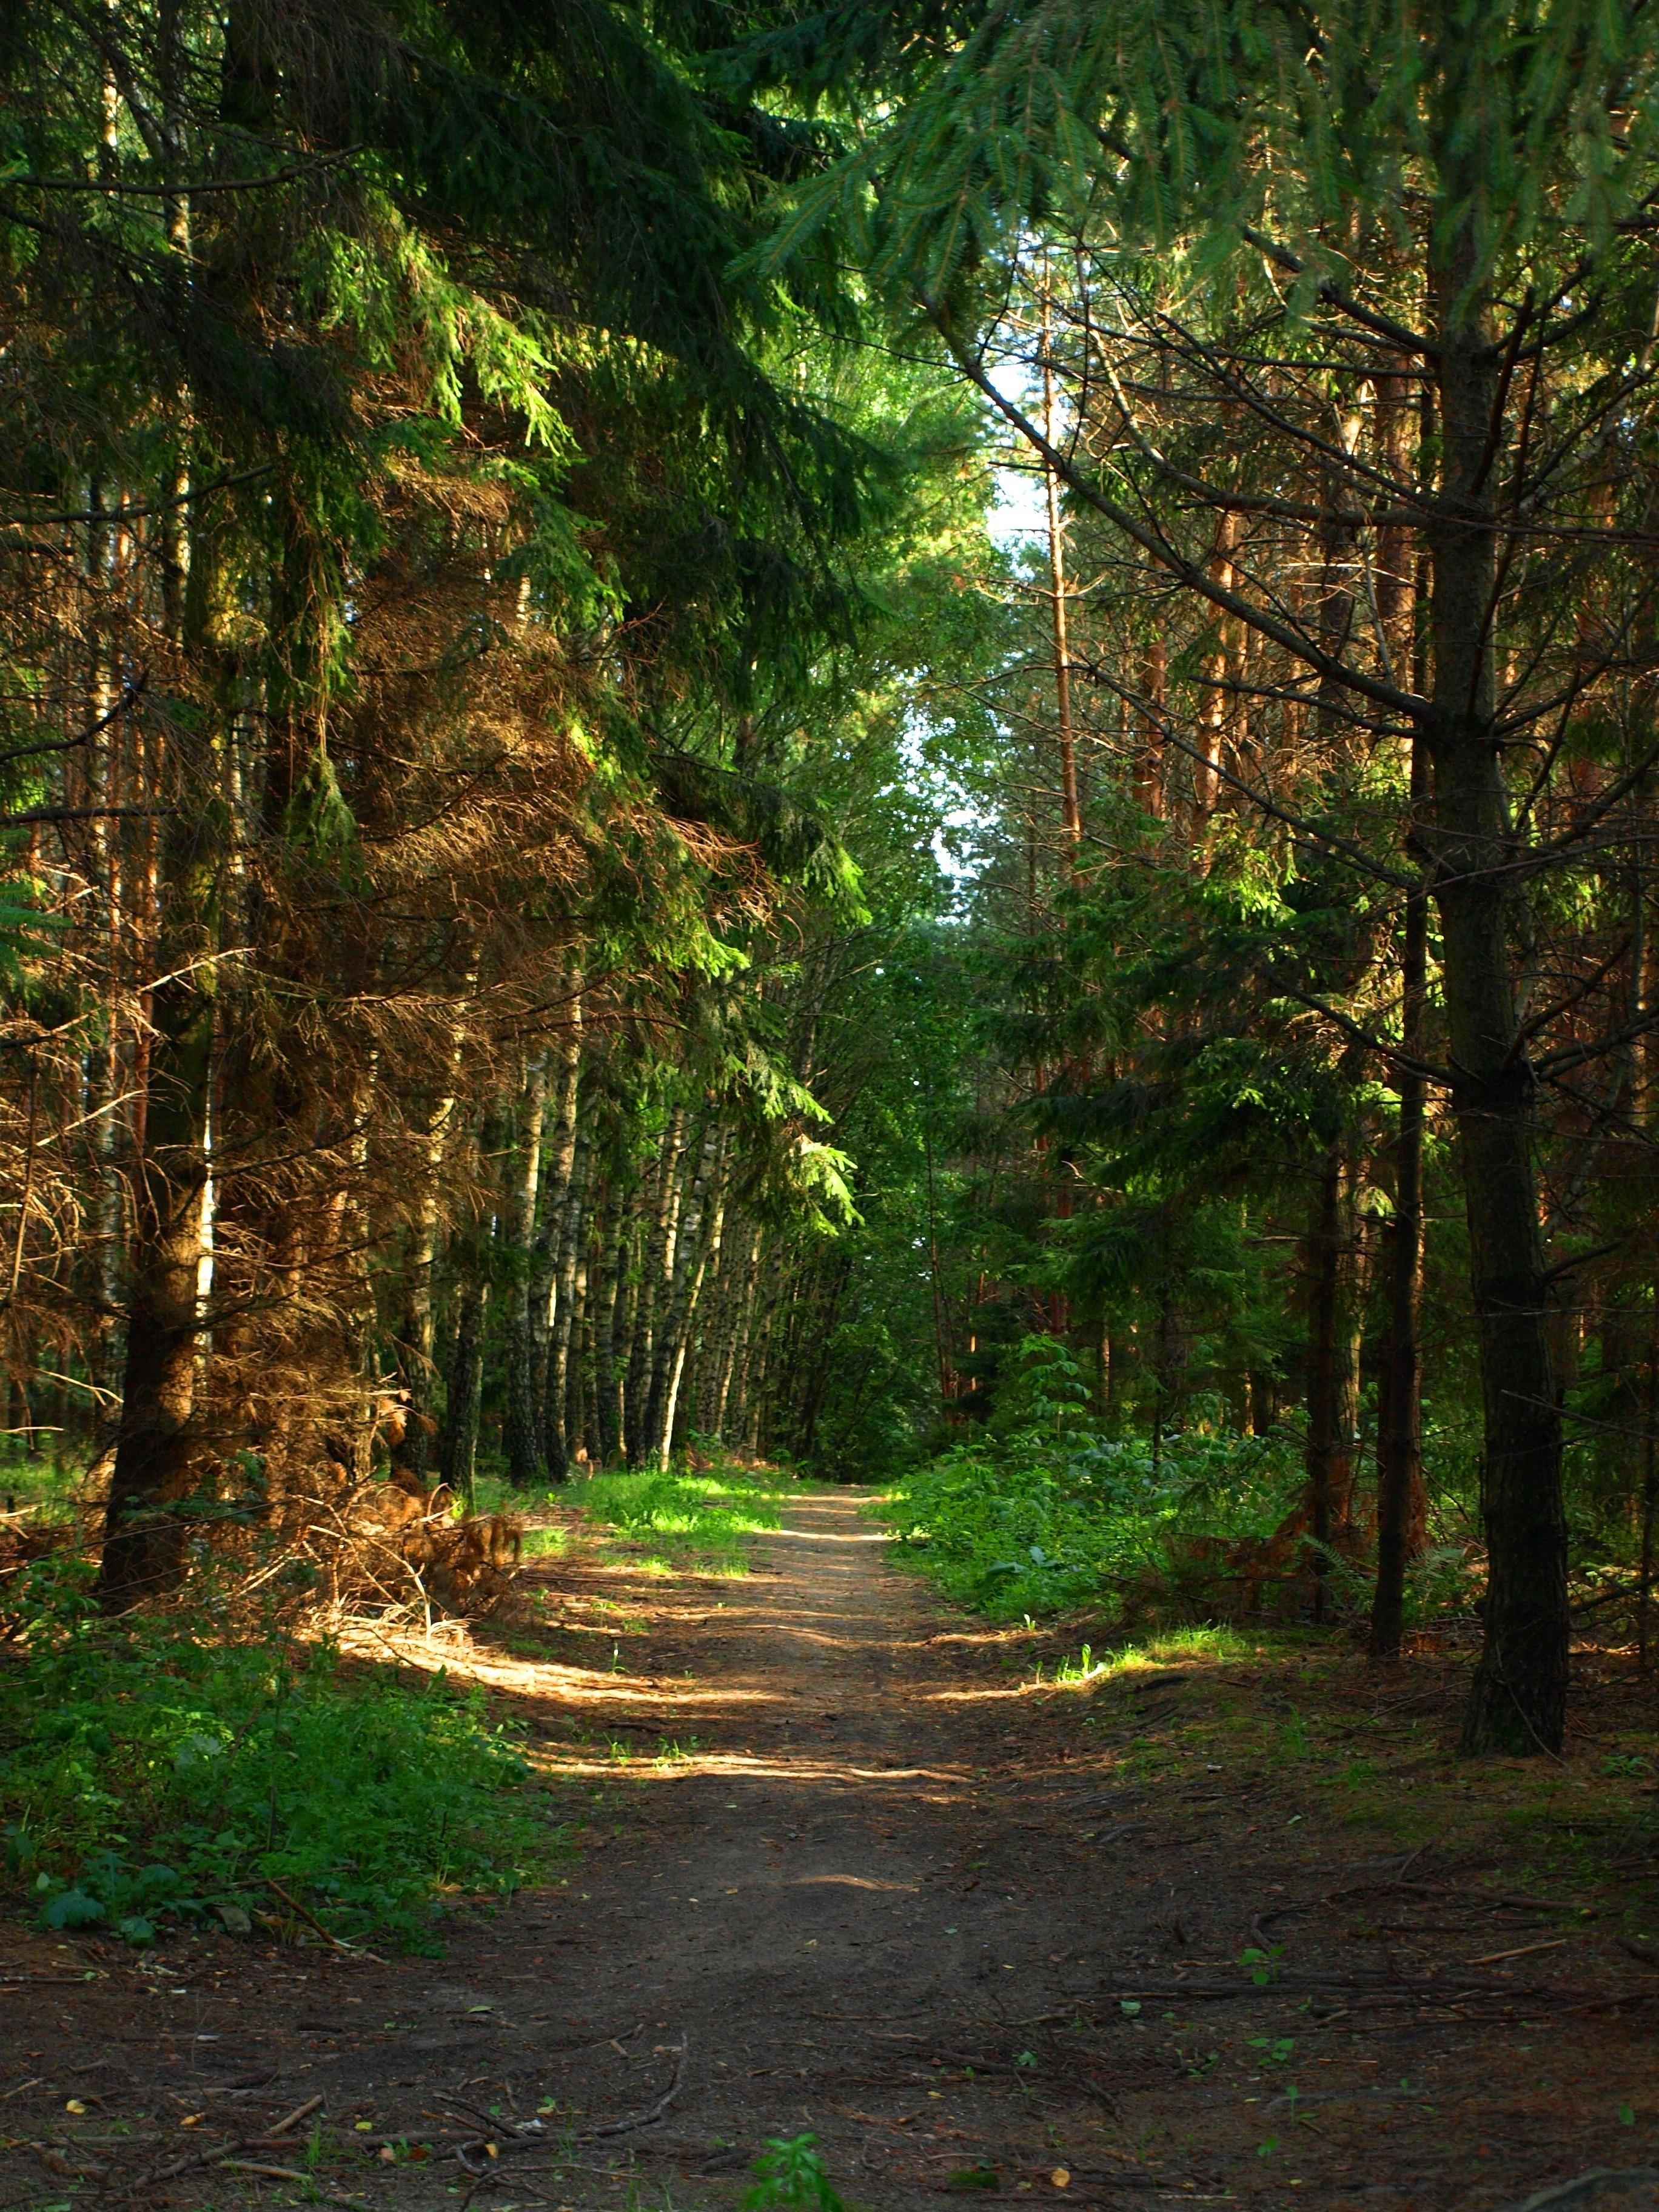 лучшие фотографии леса саженцы